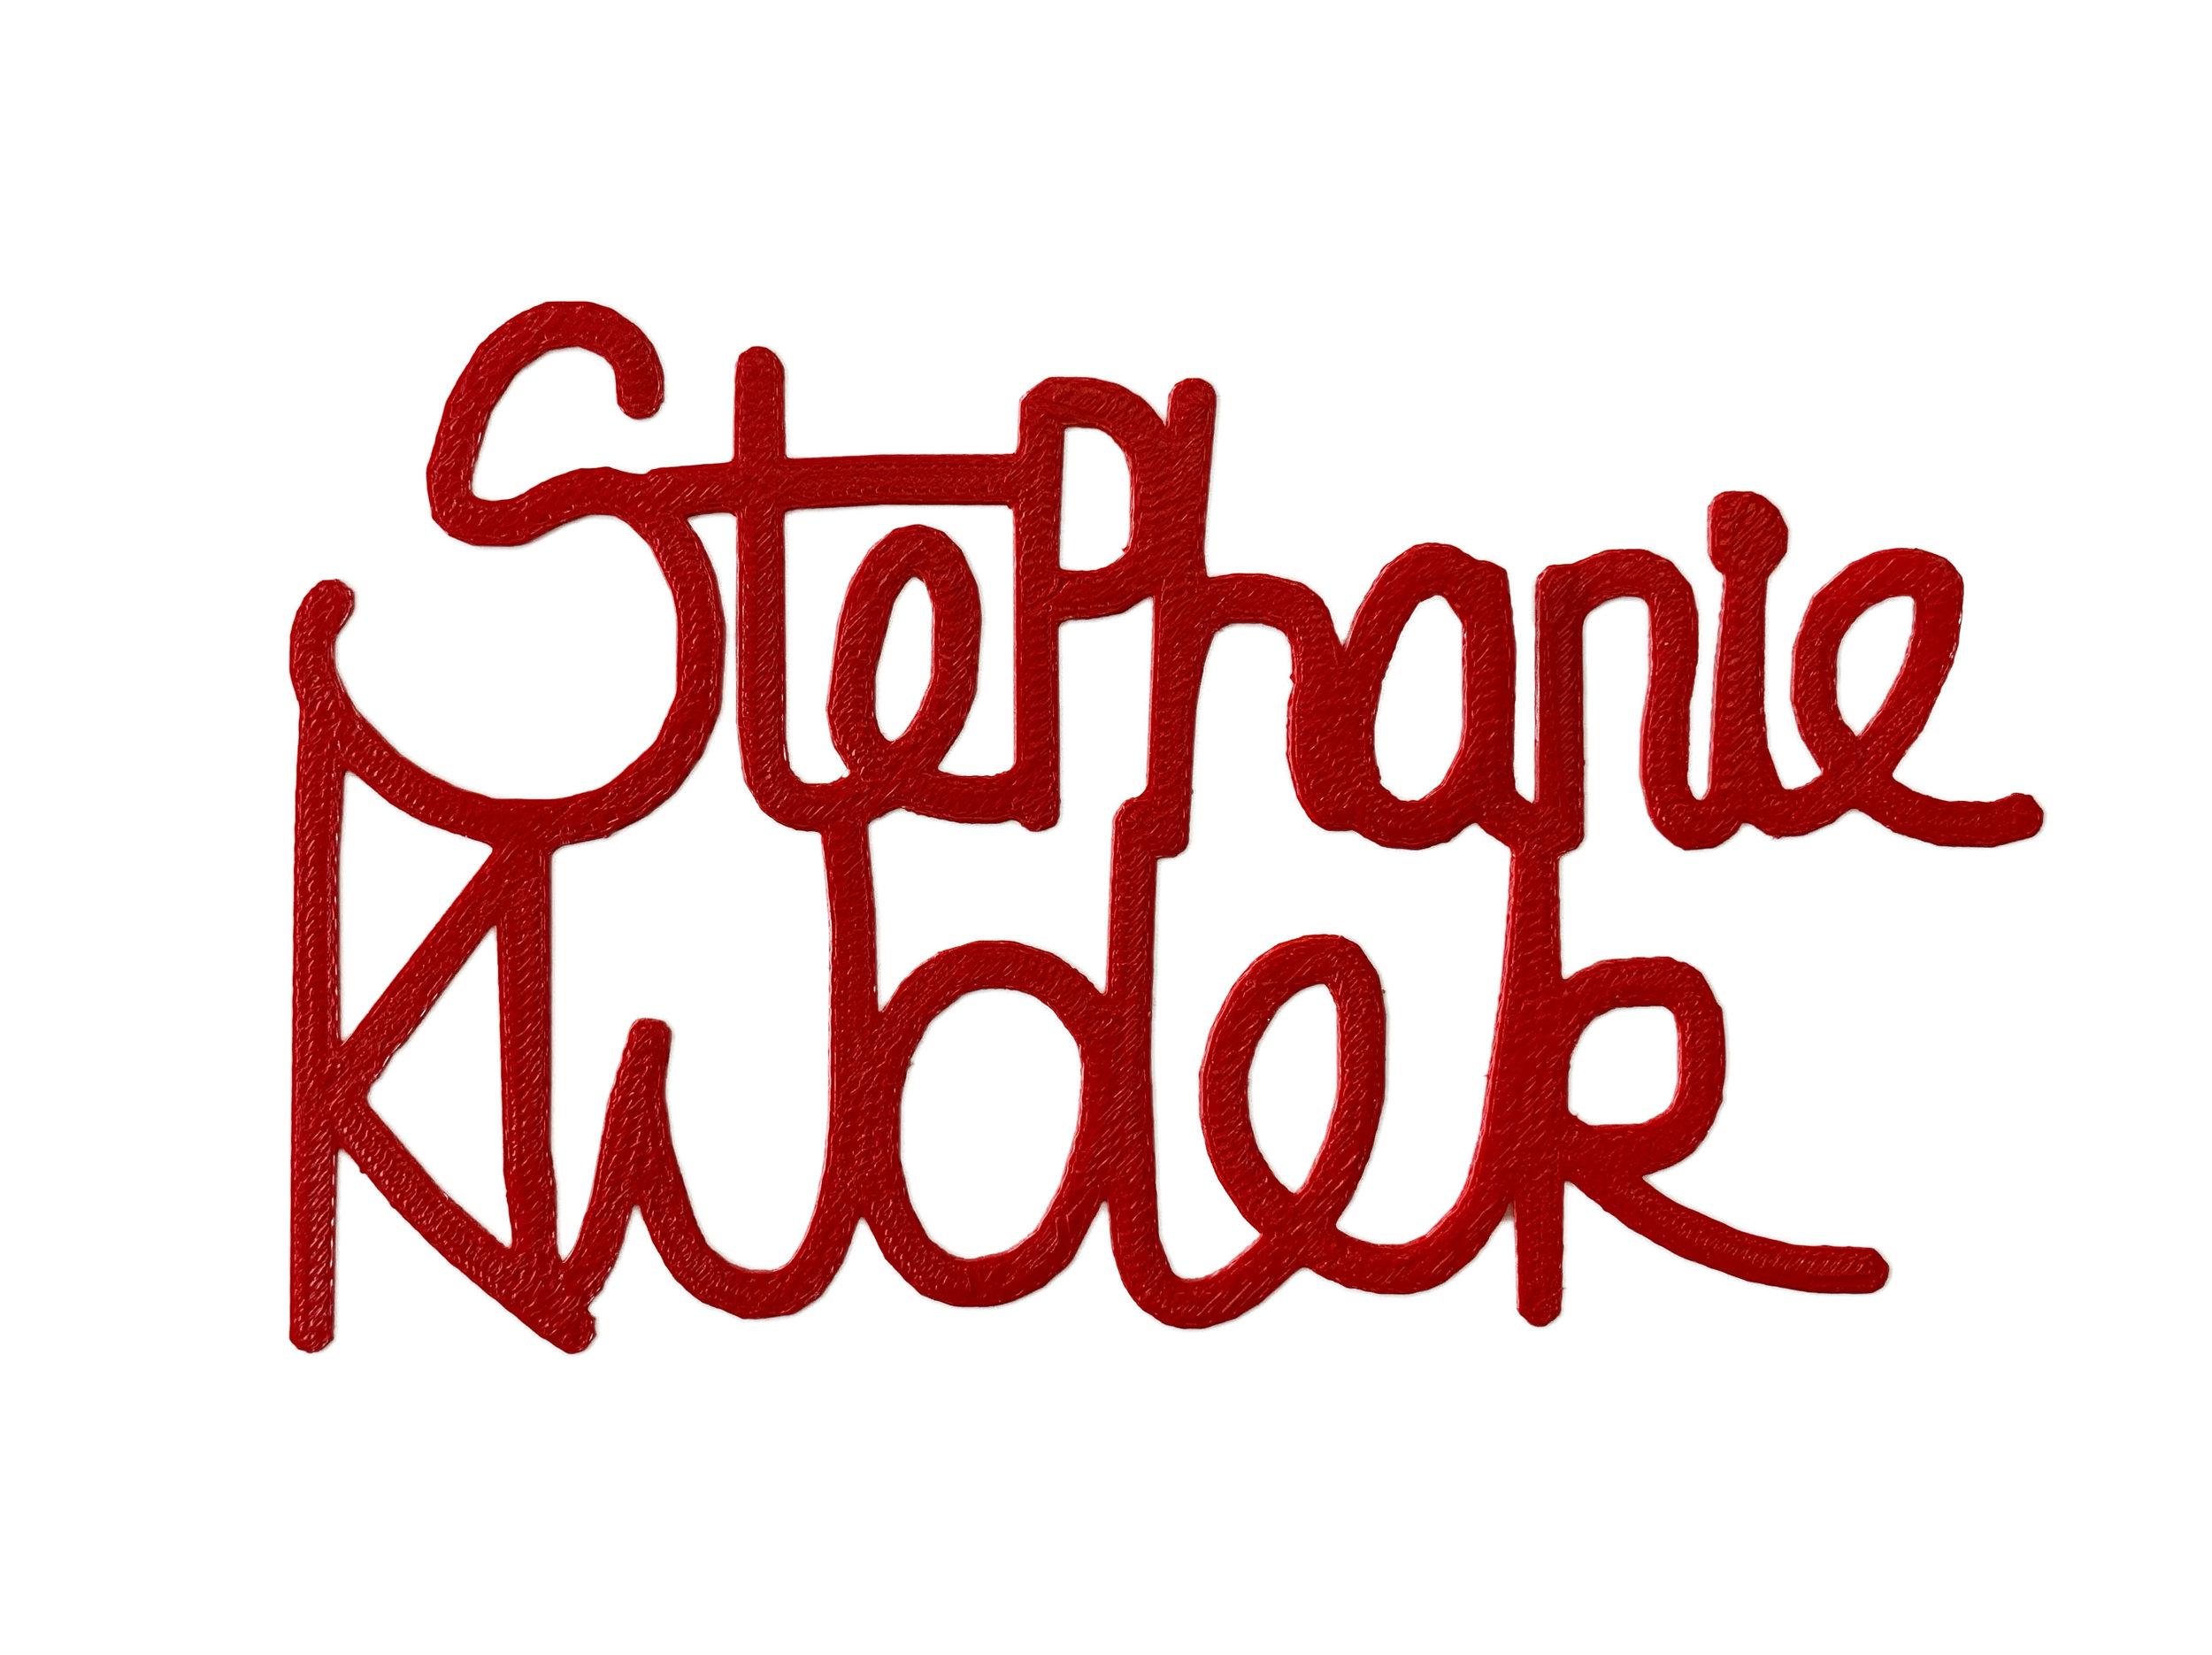 Stephanie Kwolek.jpg